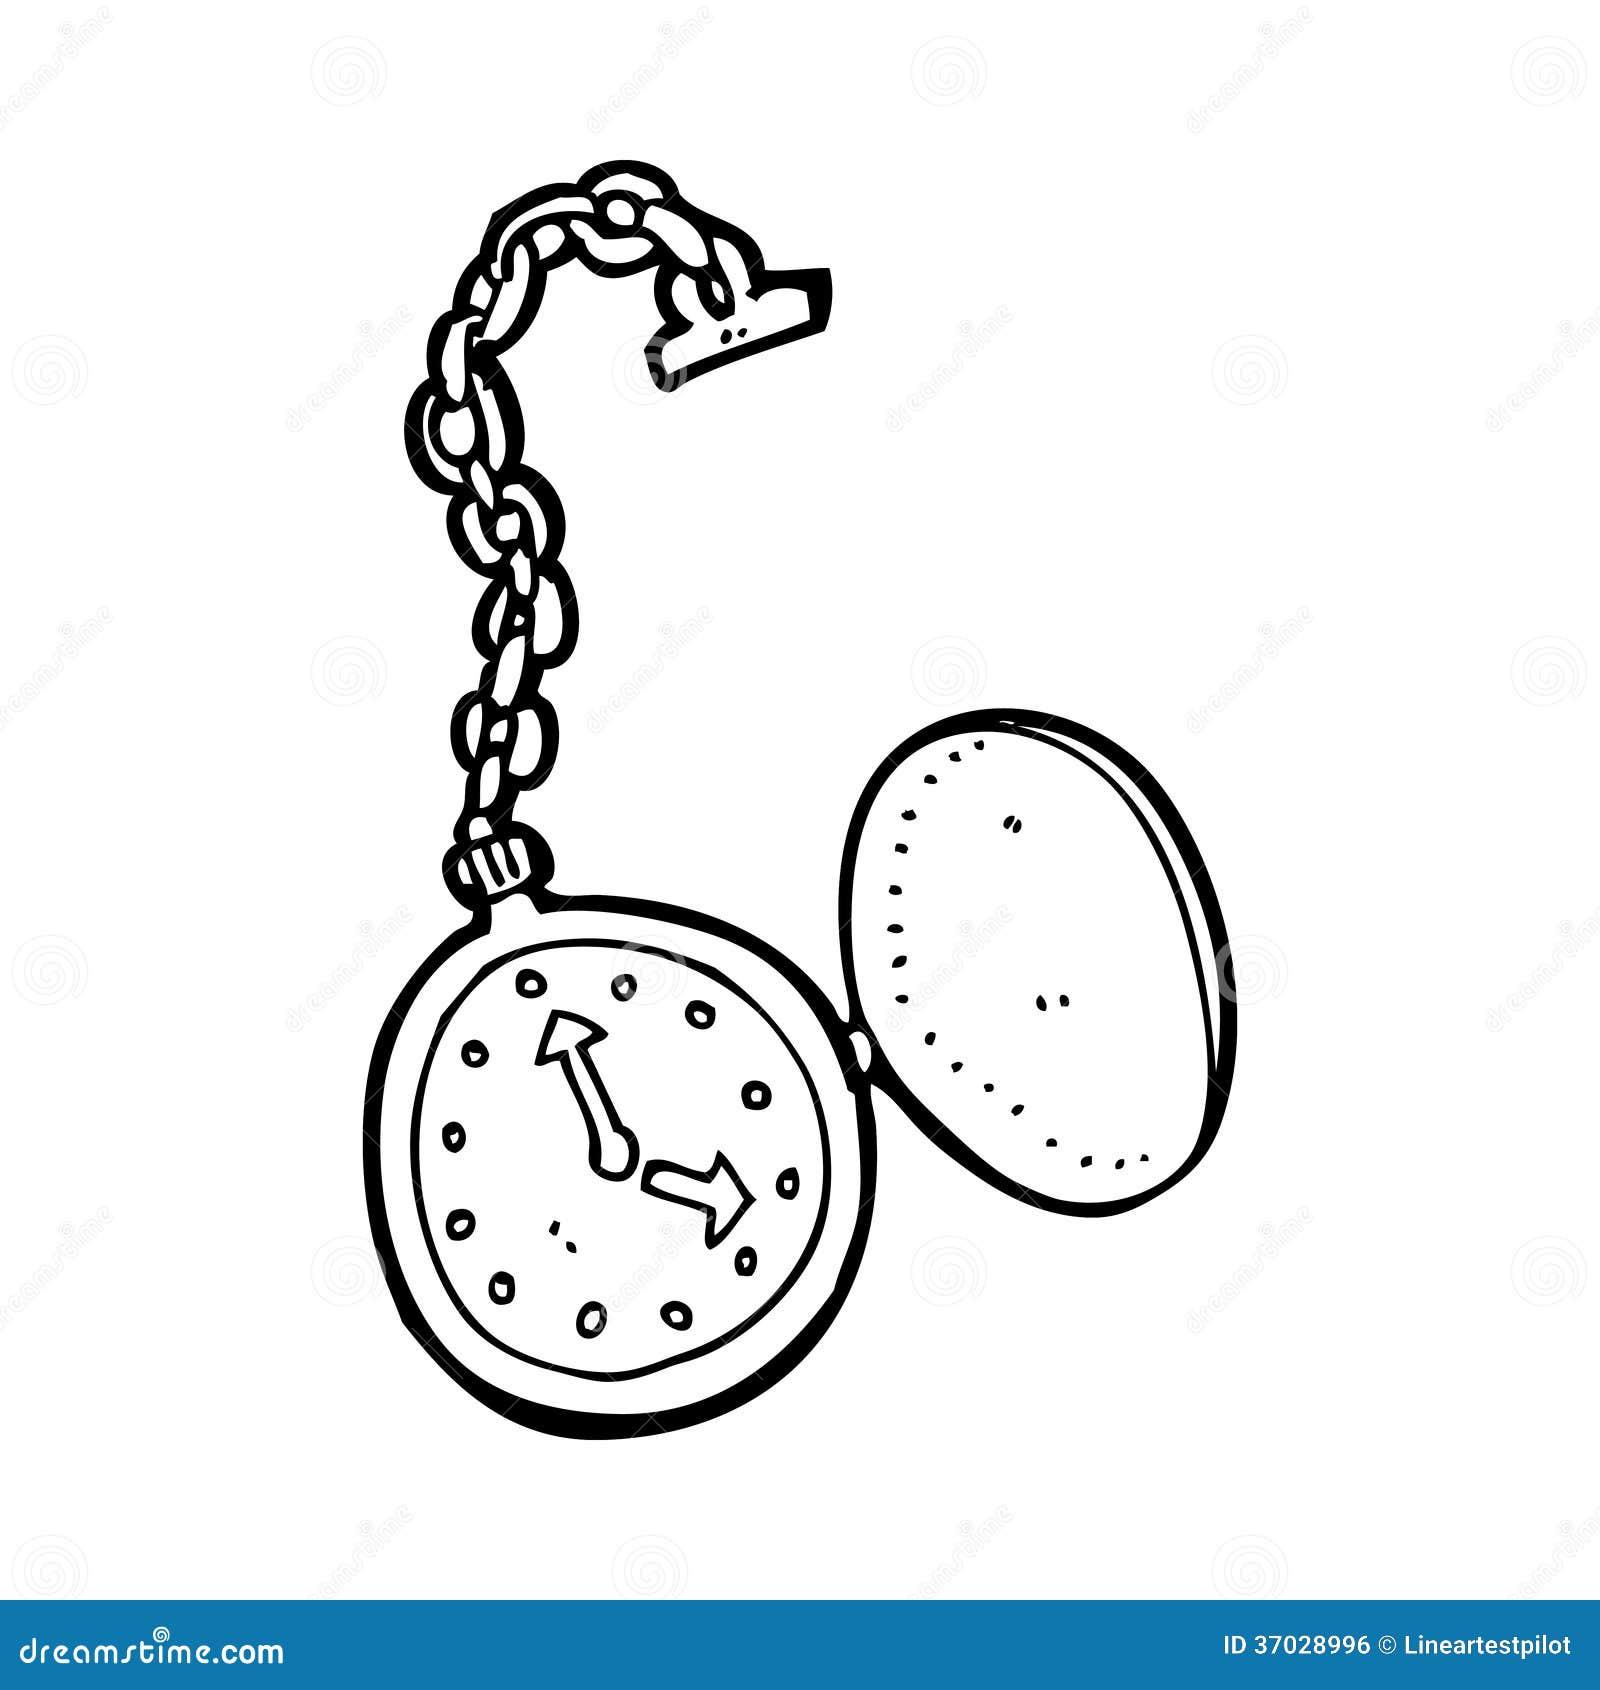 Taschenuhr gezeichnet  Alte Taschenuhr Der Karikatur Lizenzfreie Stockbilder - Bild: 37018059